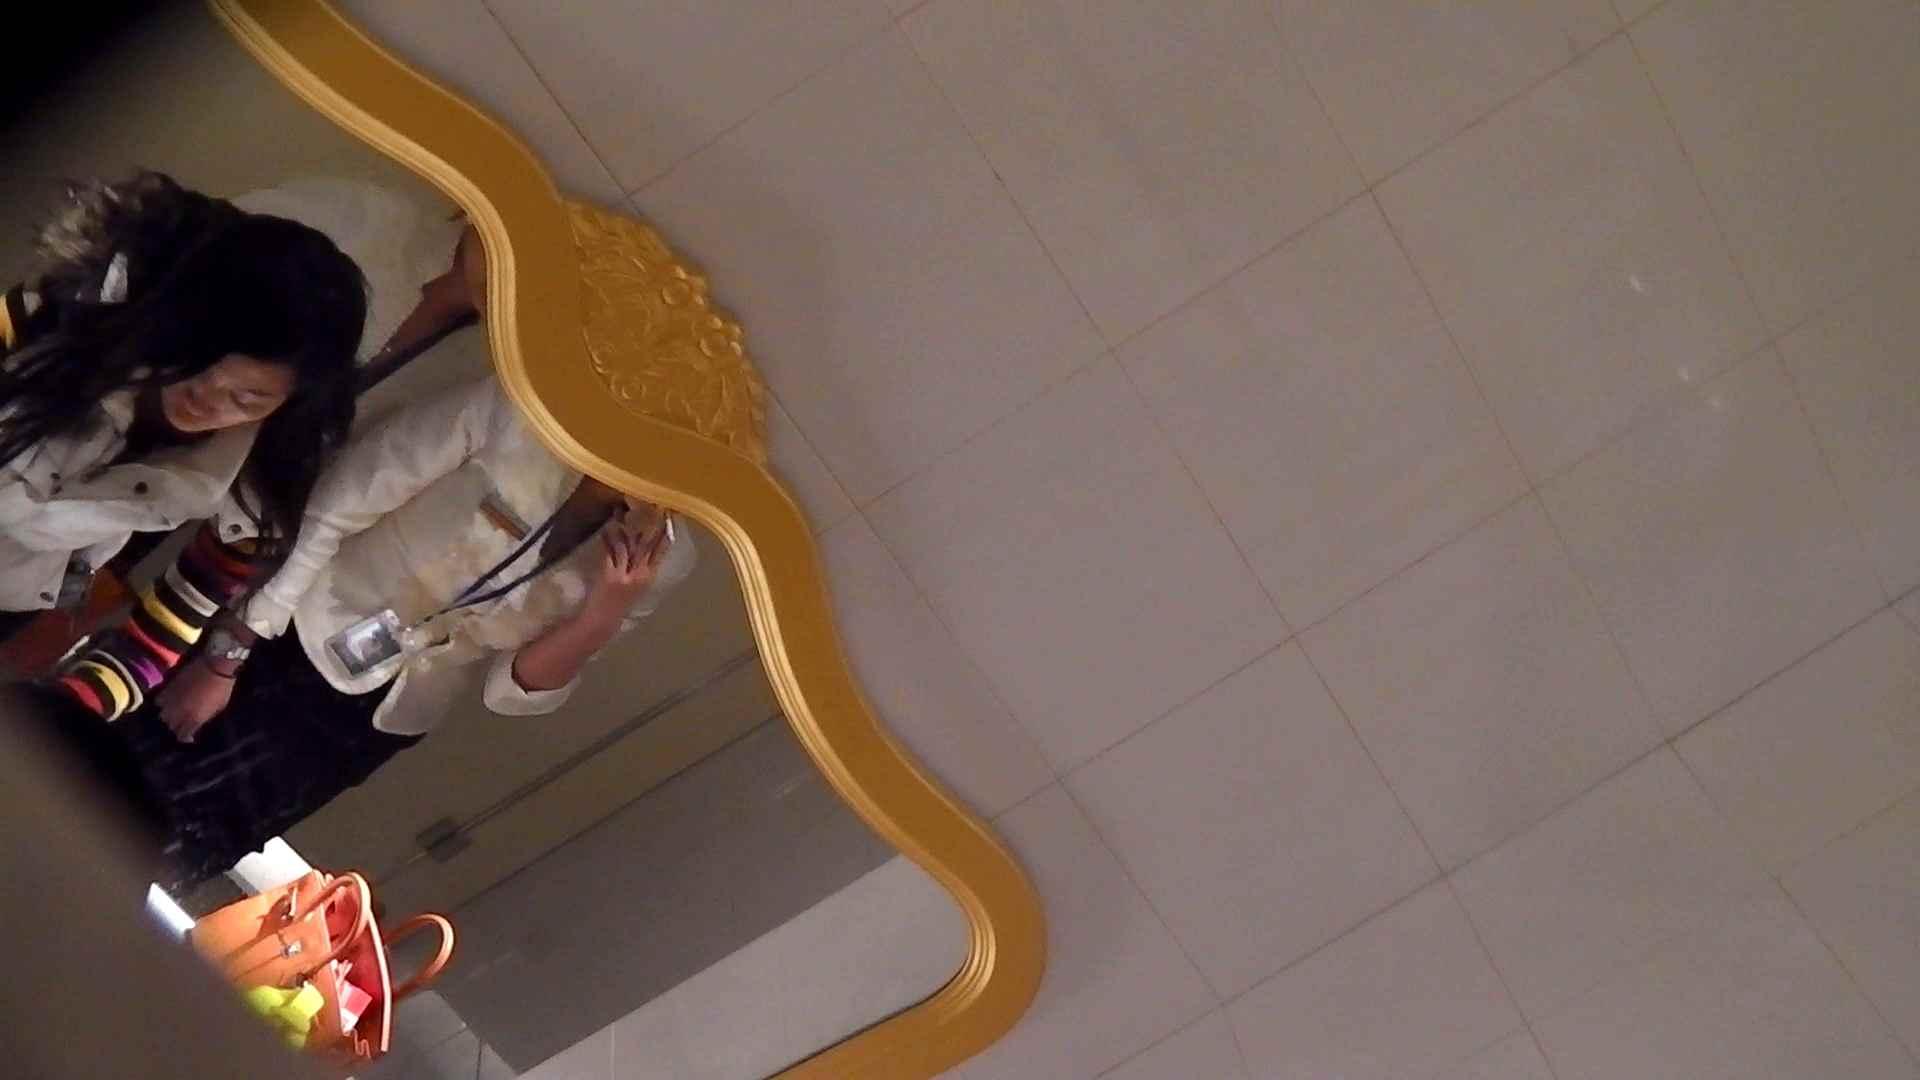 洗寿観音さんの 化粧室は四面楚歌Nol.3 エッチすぎるOL達  14連発 8